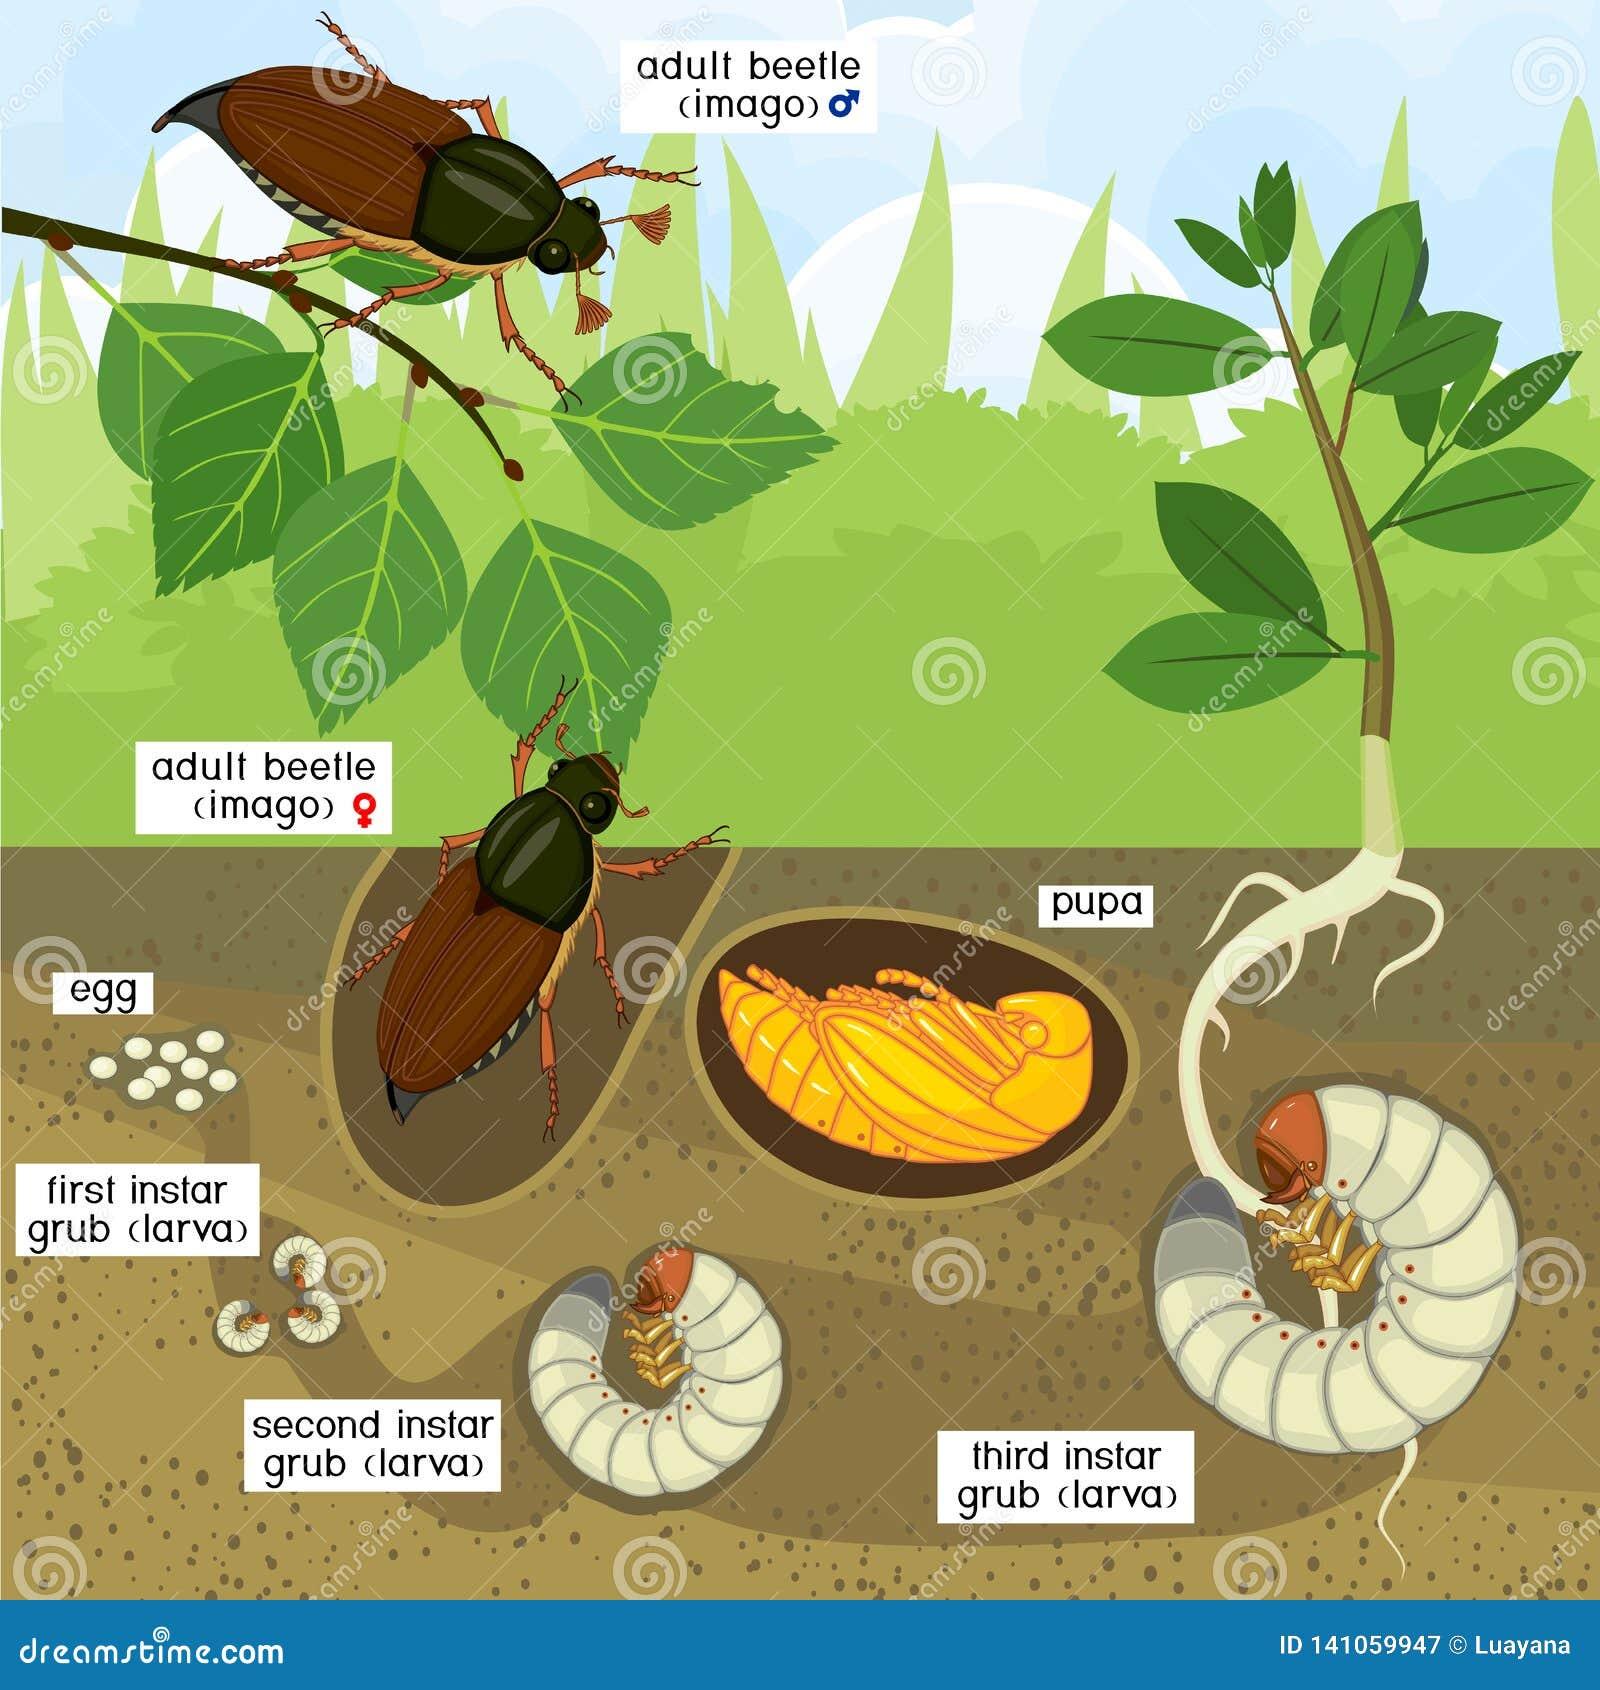 金龟子的生命周期 金龟子从鸡蛋的Melolontha melolontha的发展阶段序列到成人甲虫